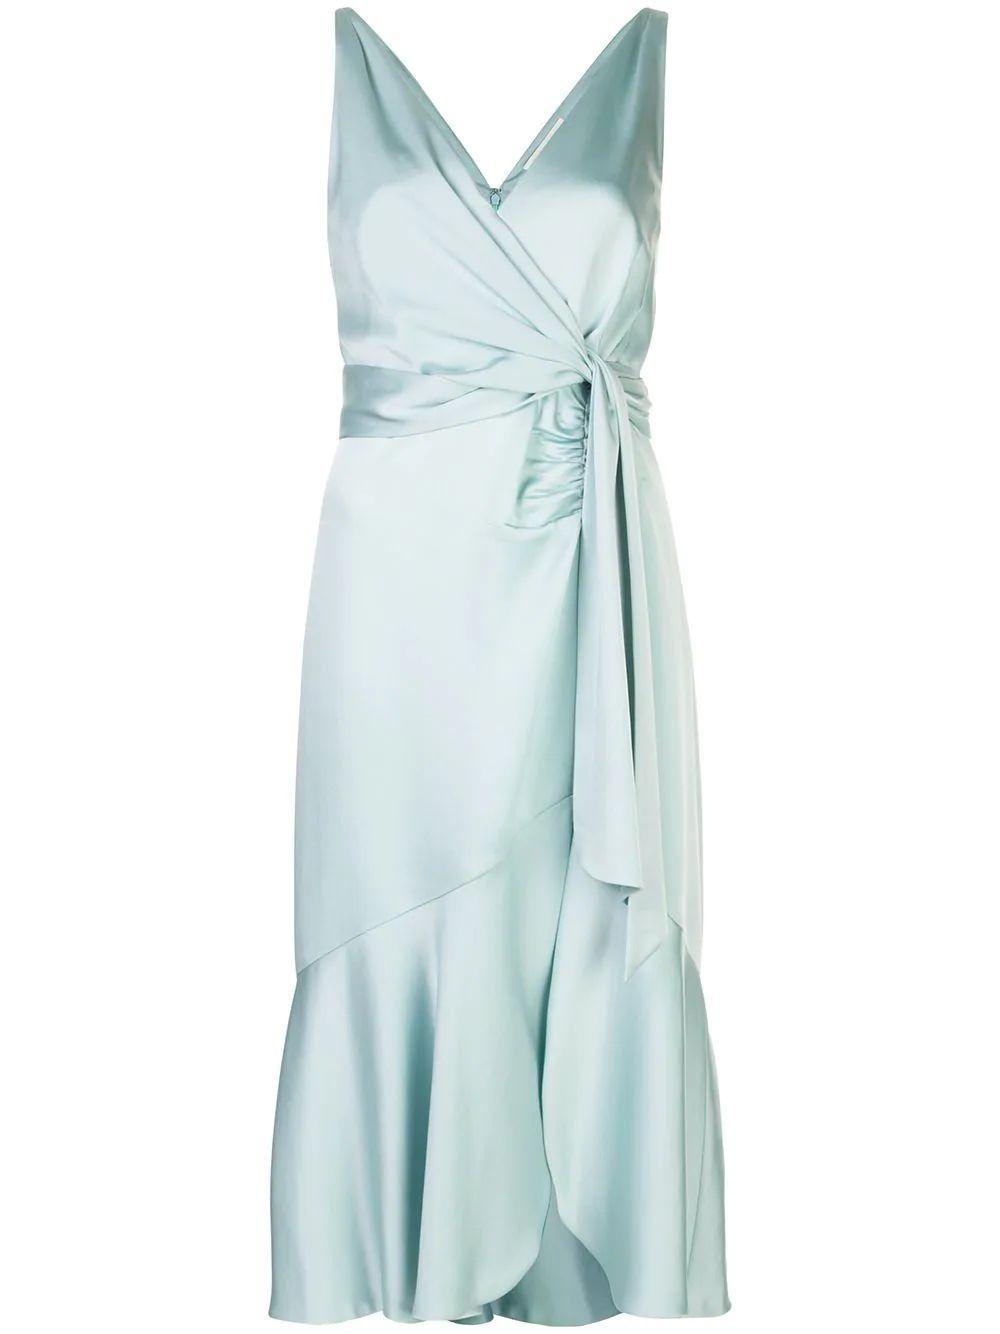 Mia Fluid Satin Dress Item # 220-1043-Q